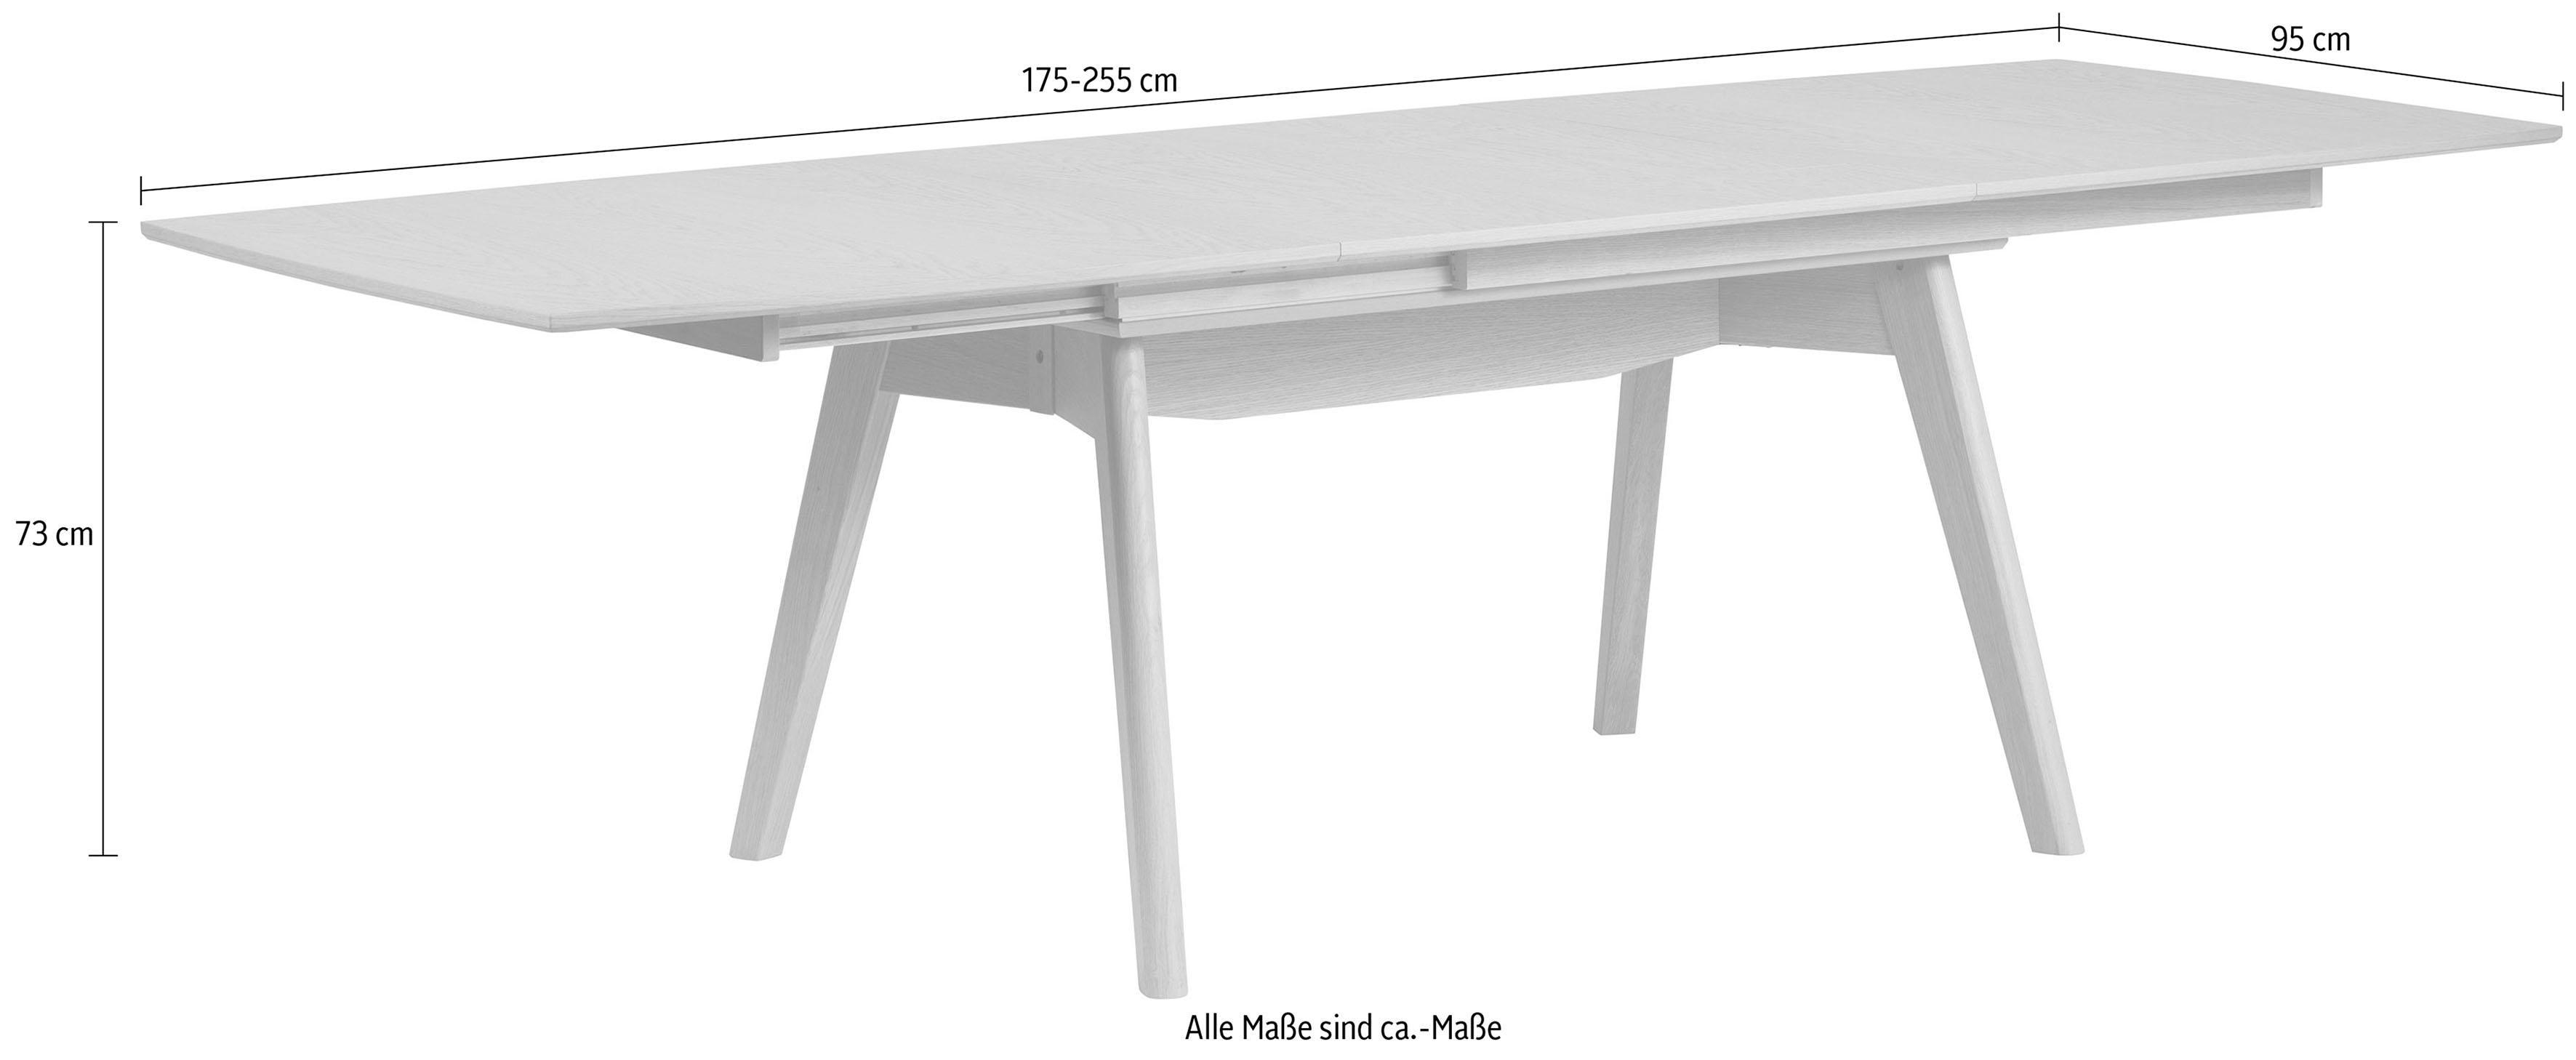 Stressless® Esszimmertisch »Toscana T100« inklusive Auszugsfunktion, in 3 Farben, Breite 175 cm